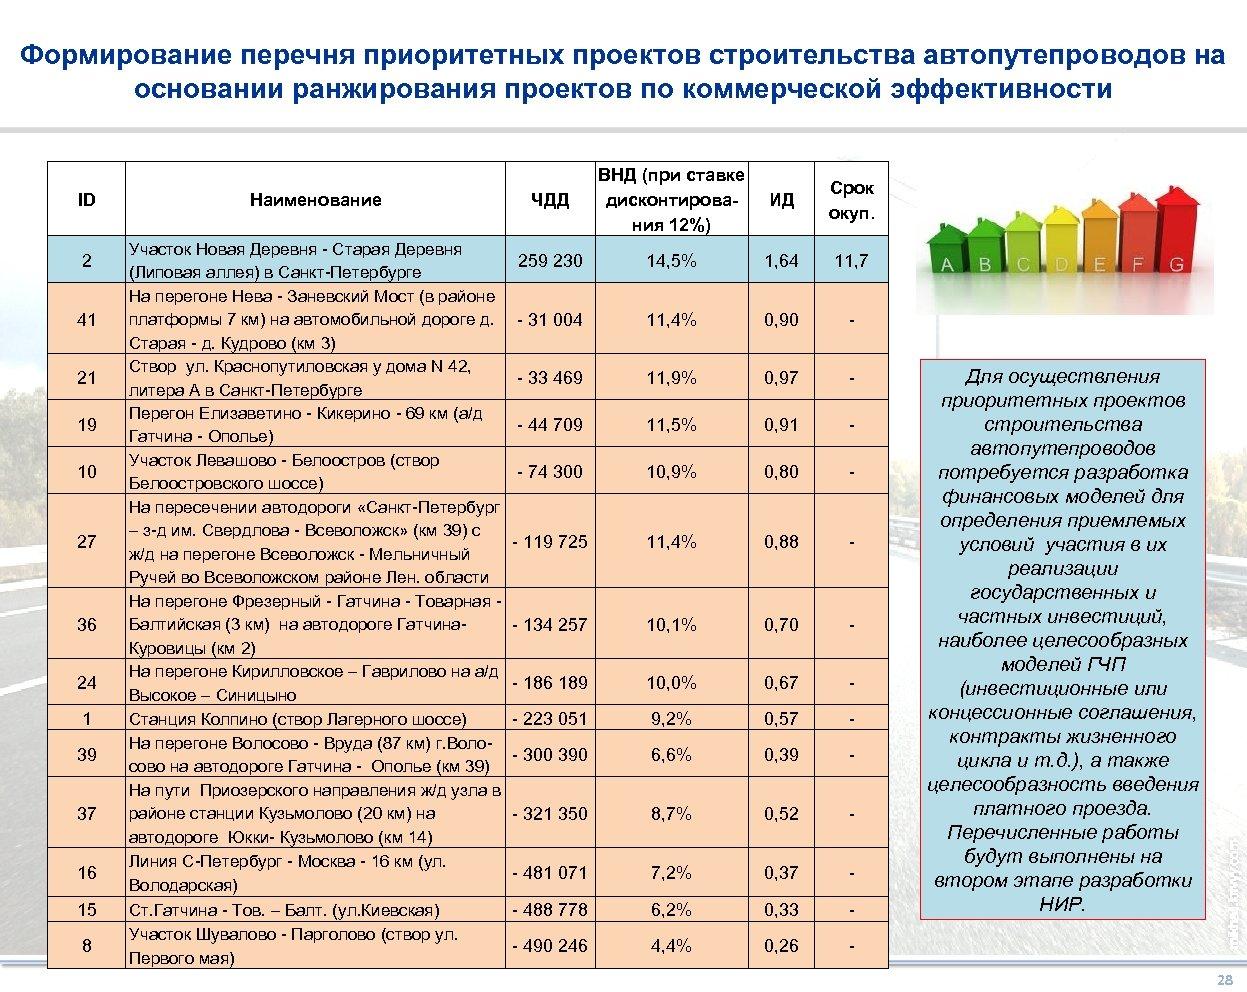 Формирование перечня приоритетных проектов строительства автопутепроводов на основании ранжирования проектов по коммерческой эффективности ID